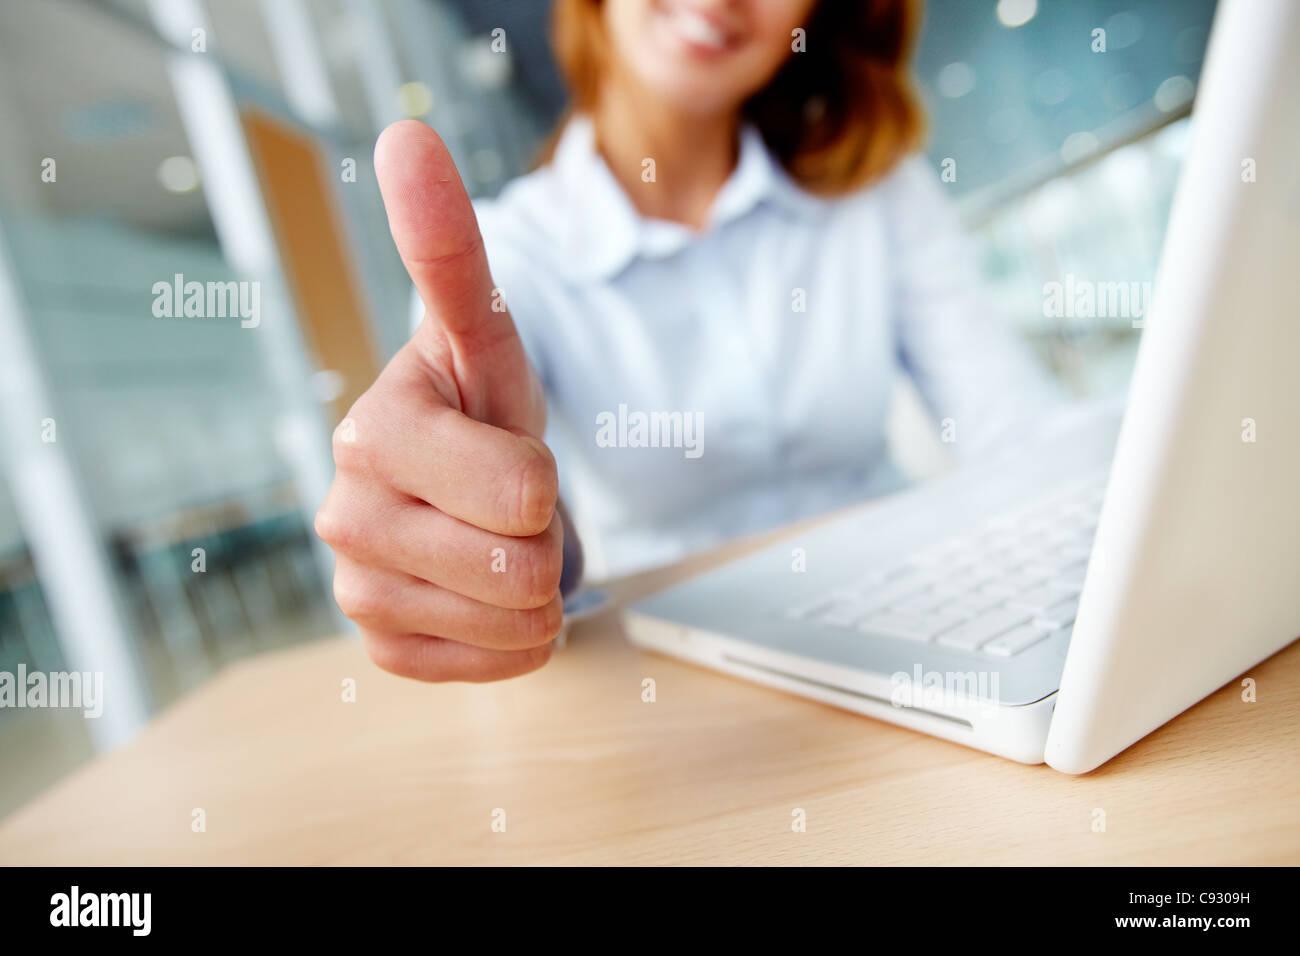 Imagen de la empresaria mostrando el pulgar hacia arriba en el lugar de trabajo Imagen De Stock